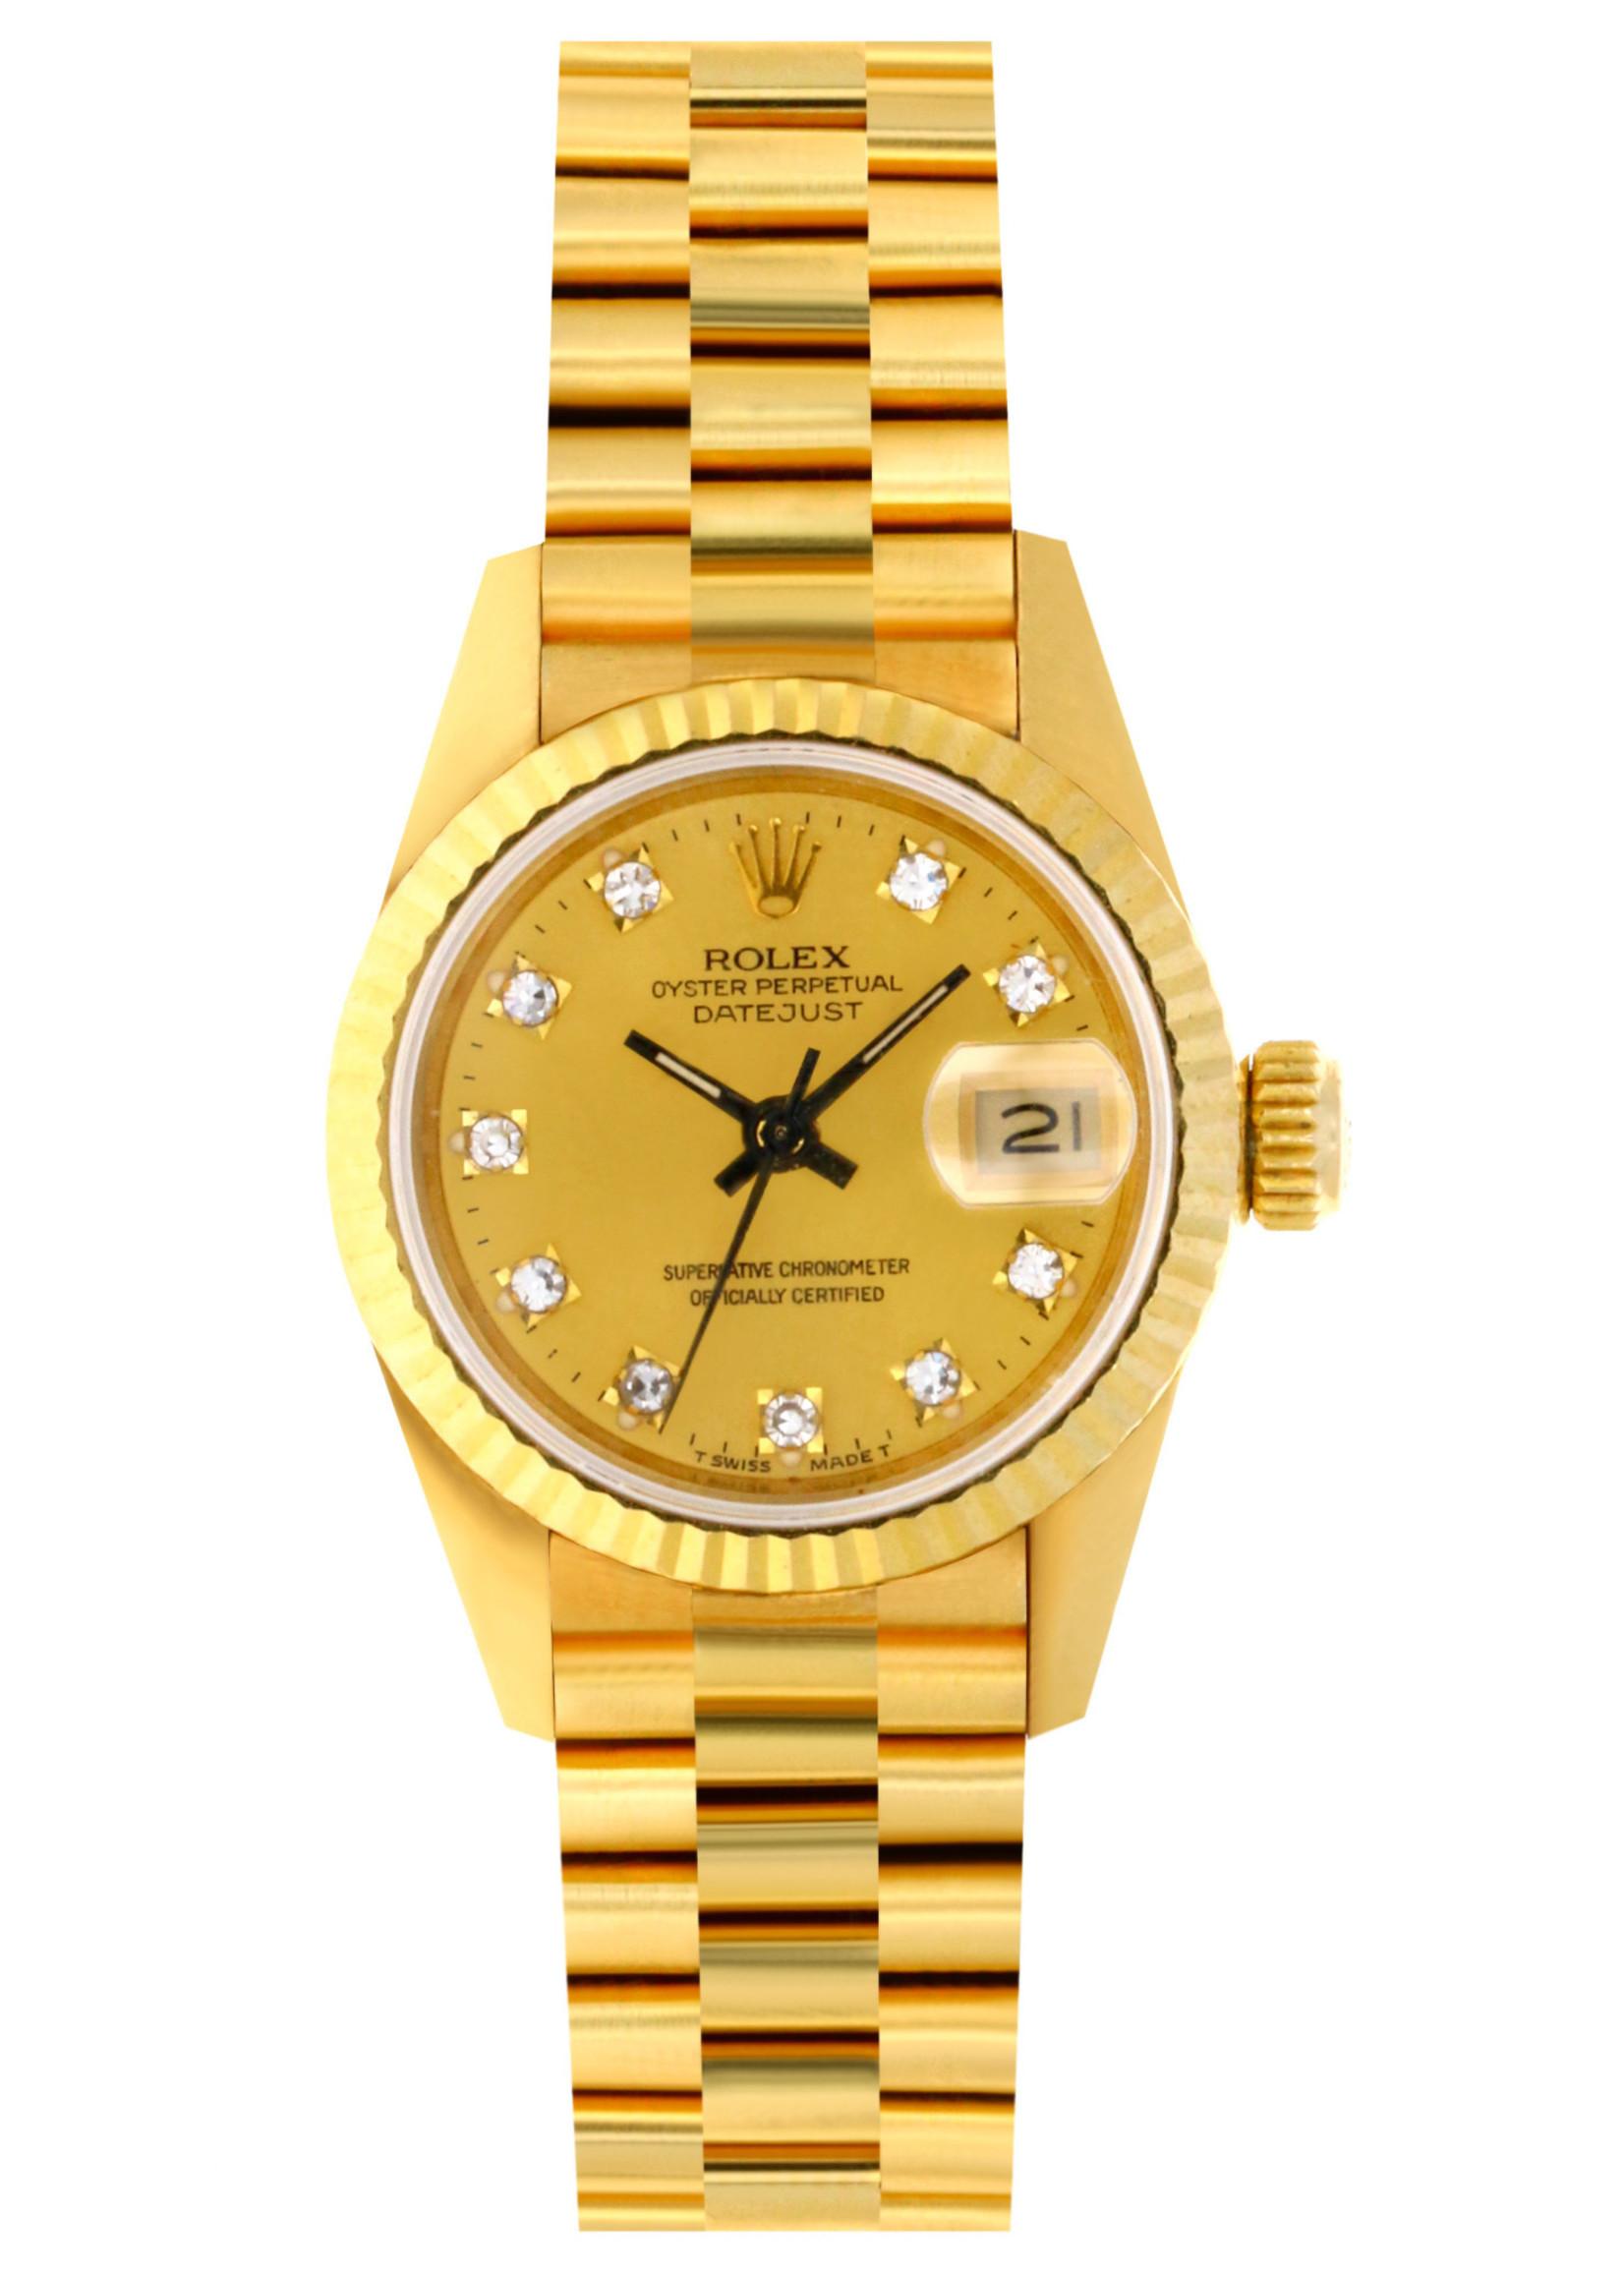 Rolex Watches ROLEX DATEJUST 26MM 1990 PRESIDENTIAL  #69178